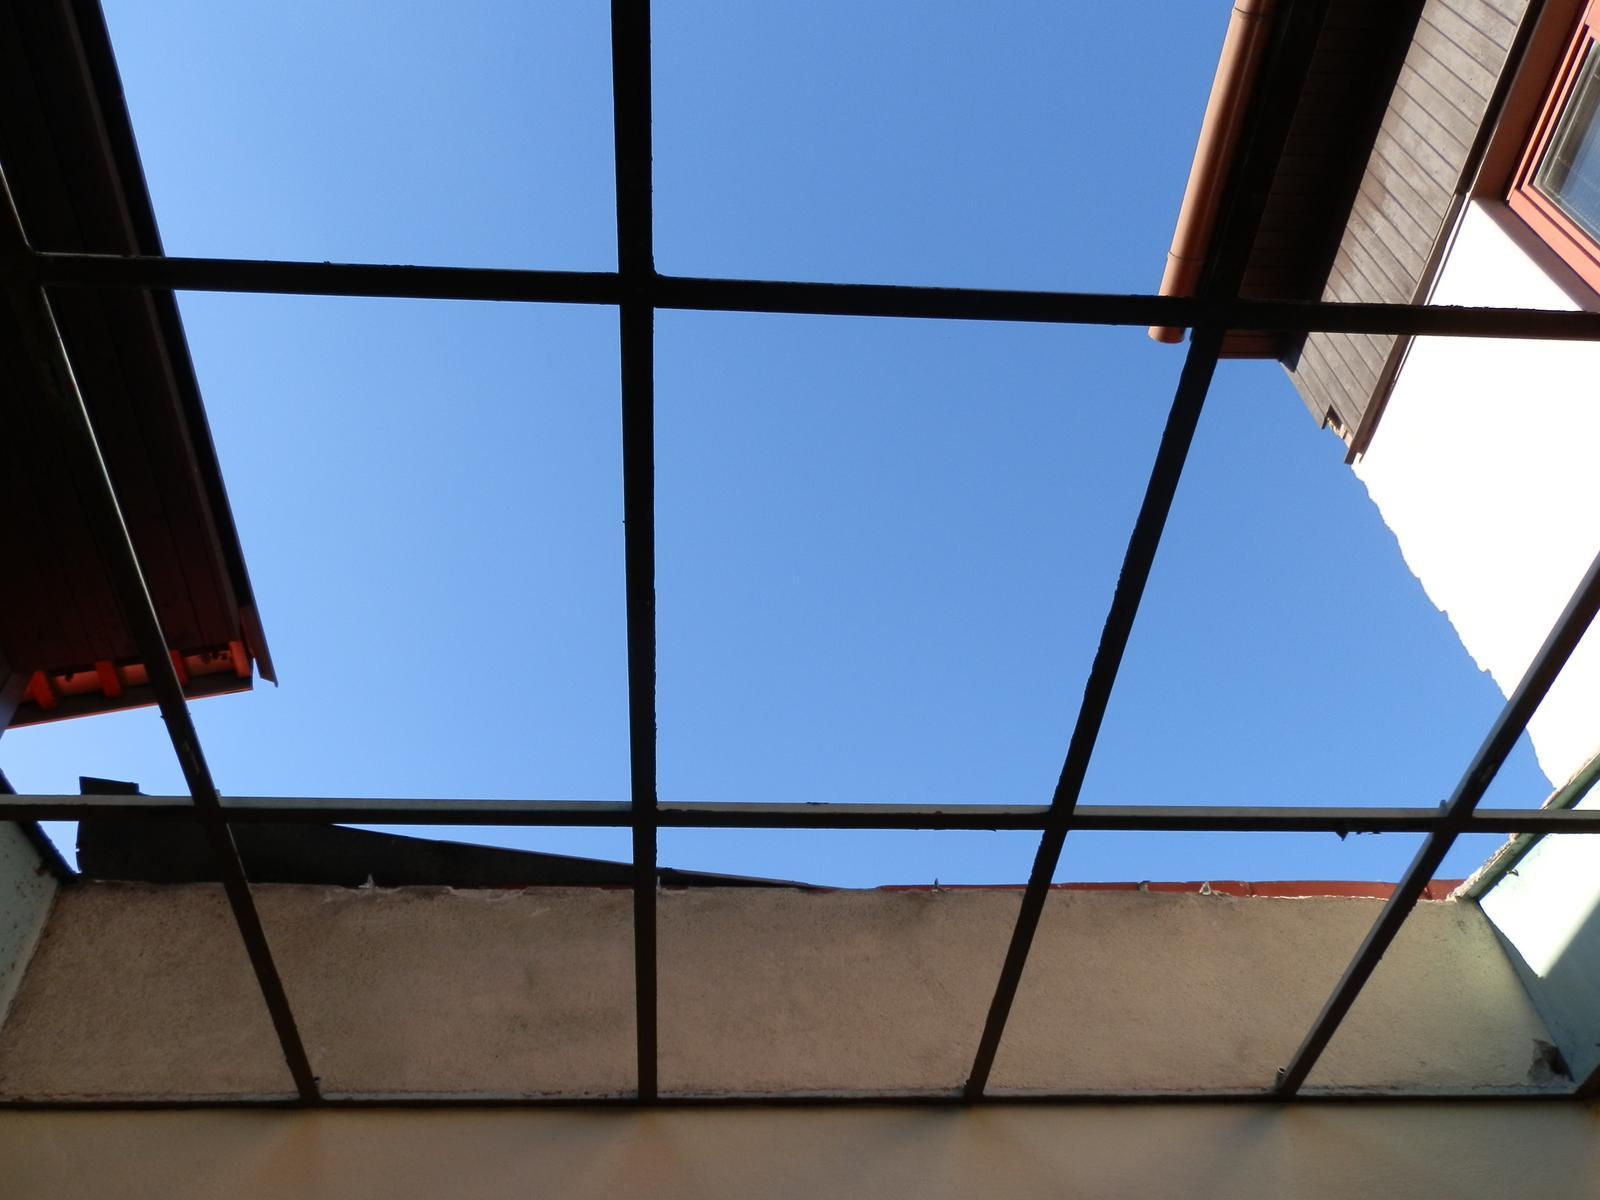 Náš byt v domě- rekonstrukce - Obrázek č. 56